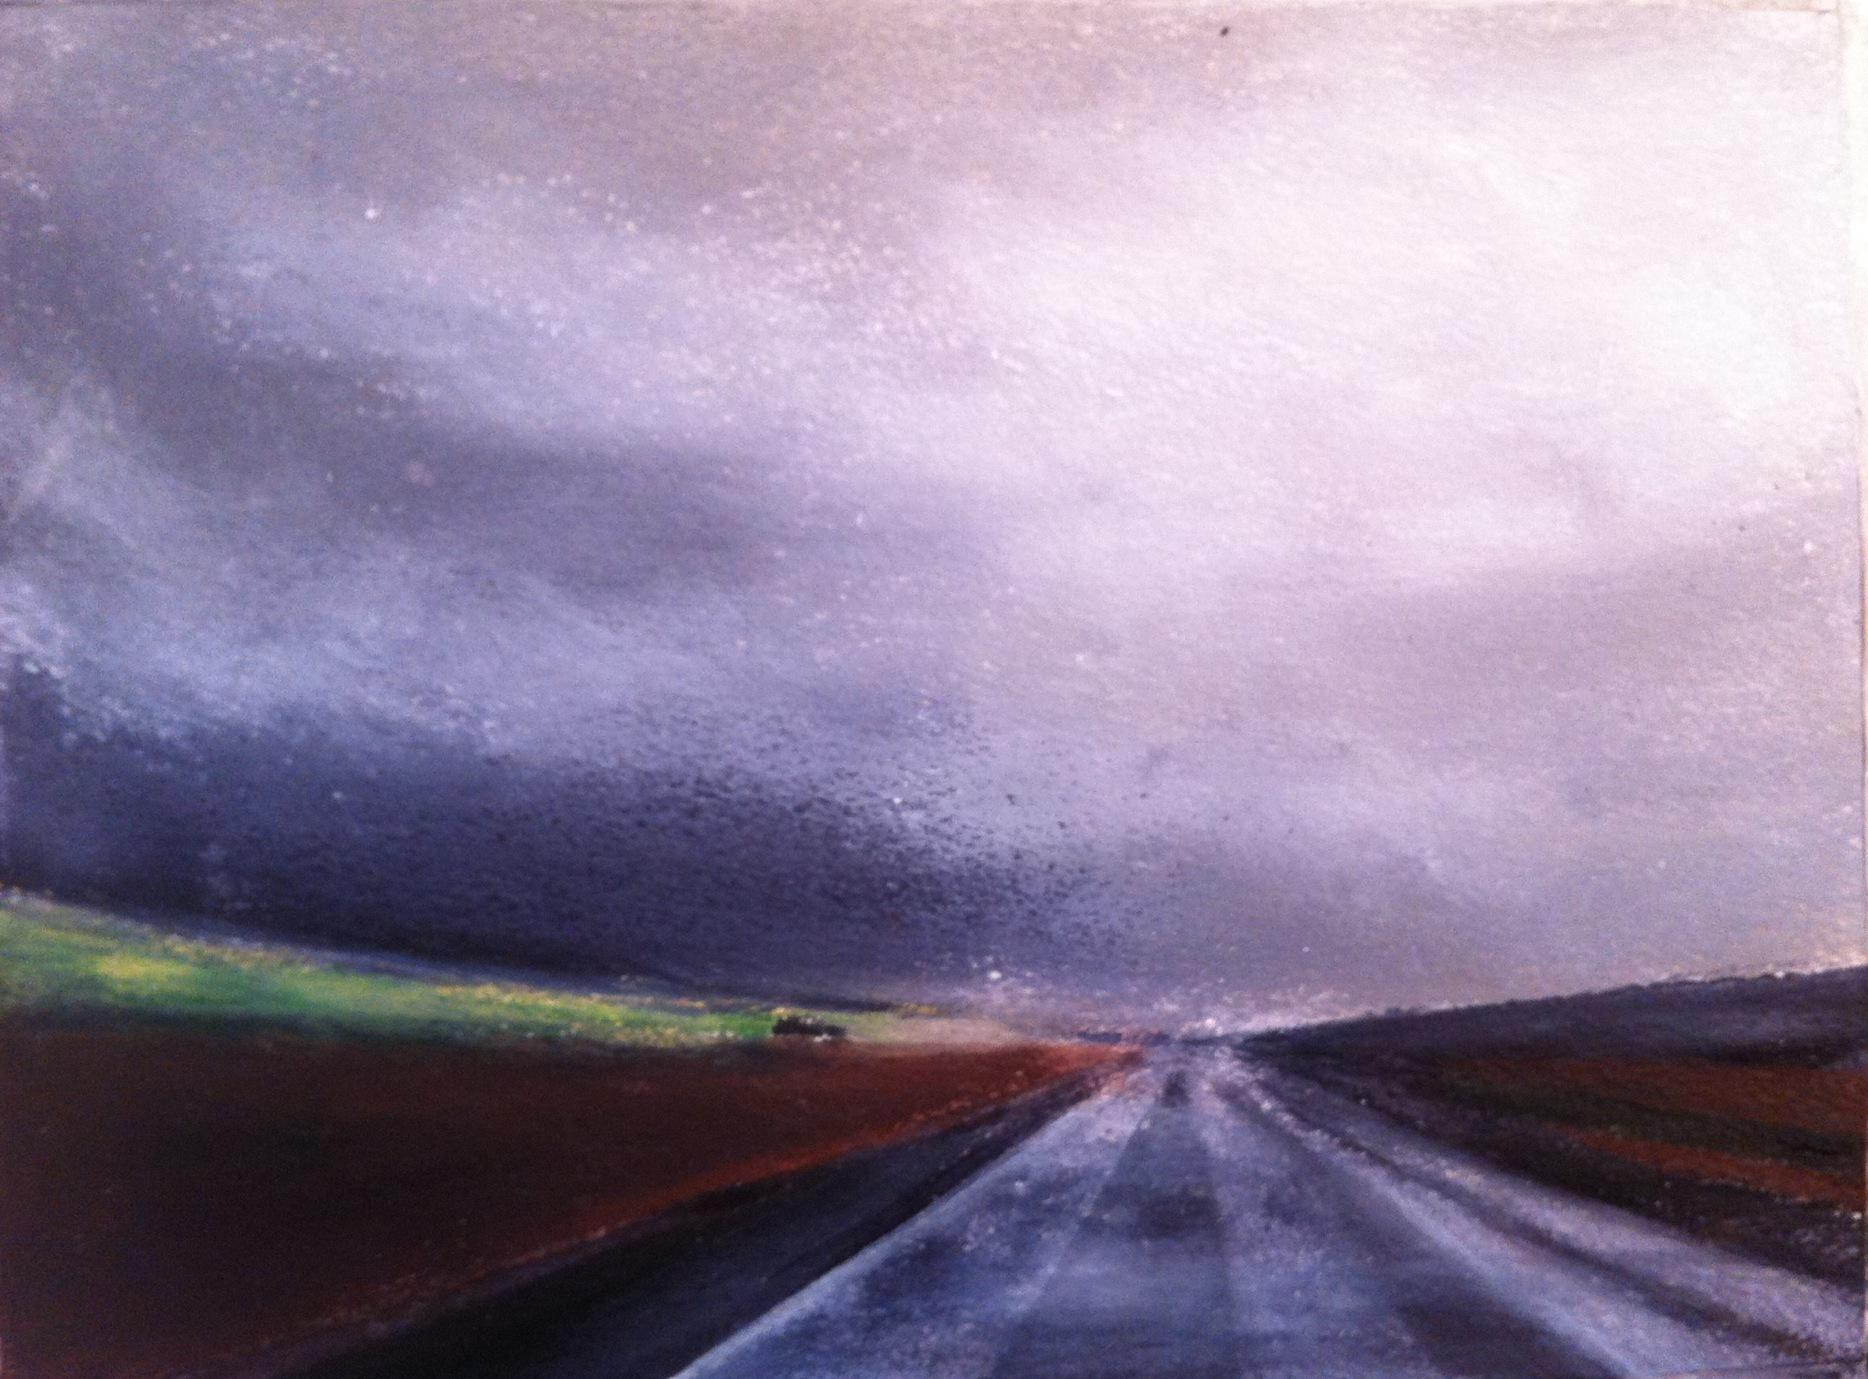 N°1015 - Pluie sur la route - Acrylique sur papier - 28 x 56 cm - 27 décembre 2013